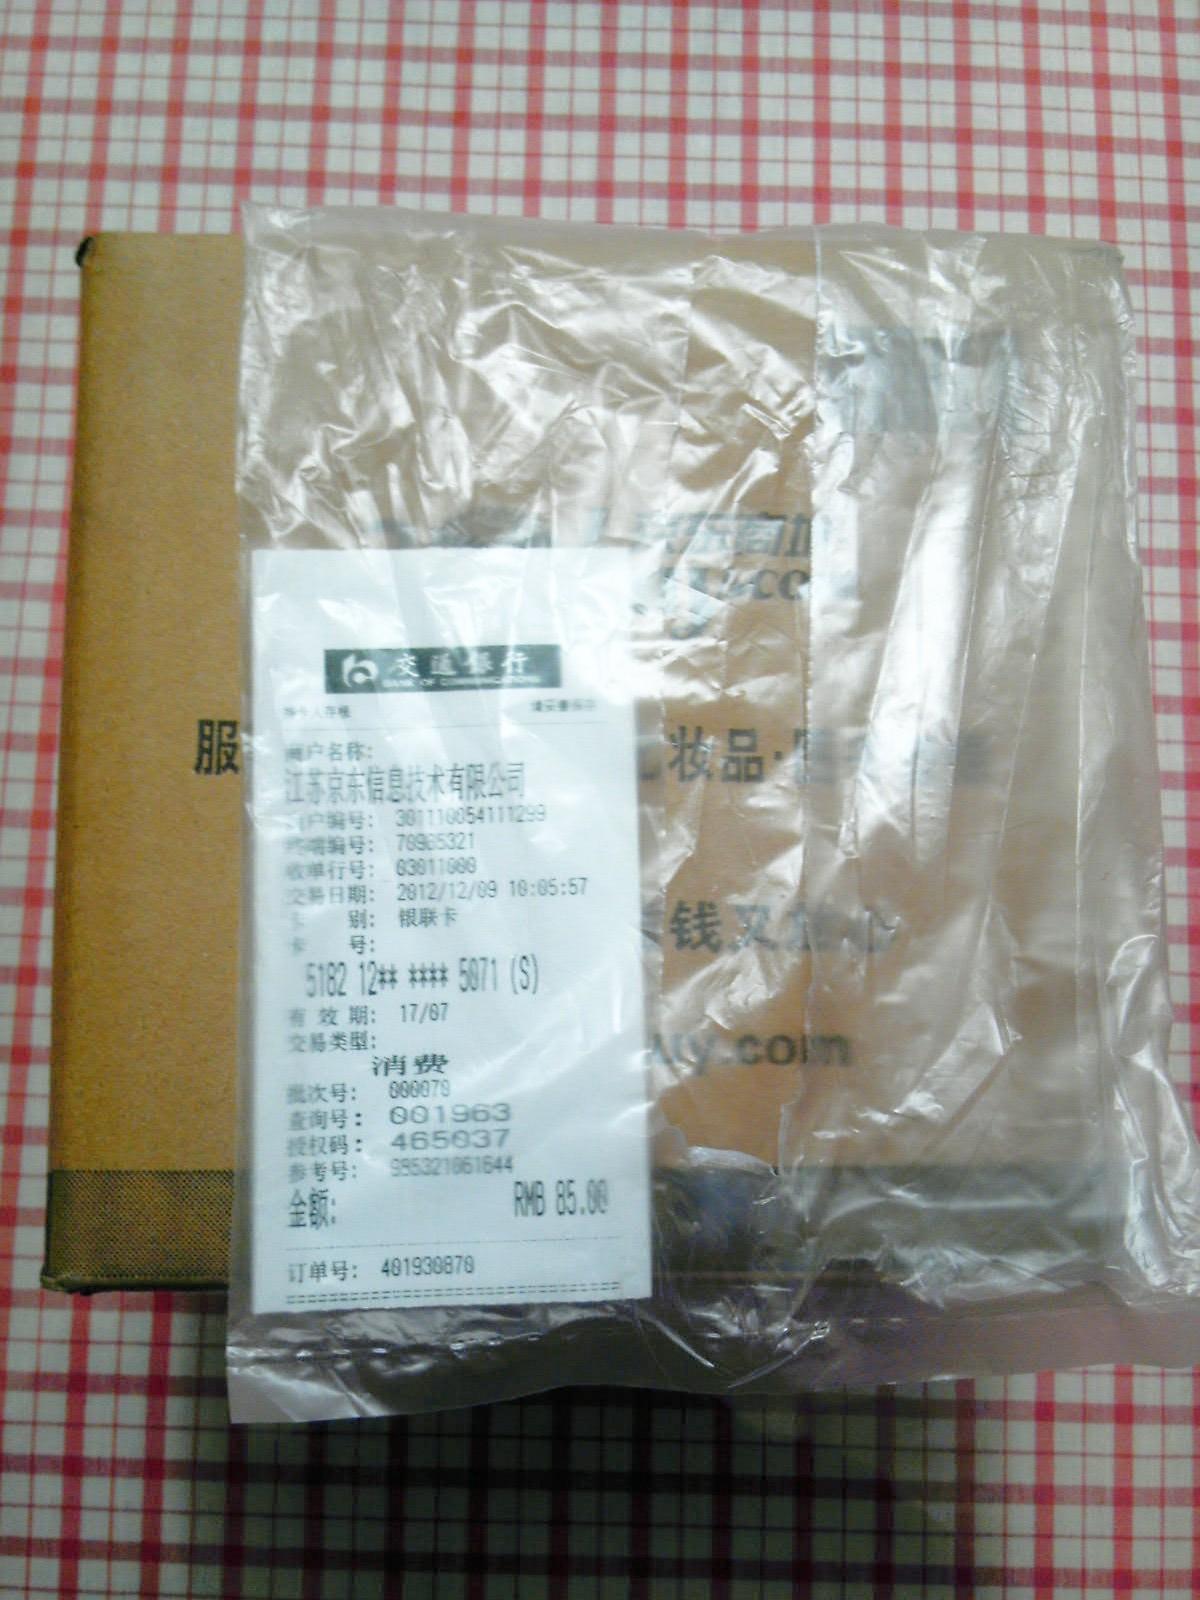 fitflop shuv sale 0024432 cheapestonline